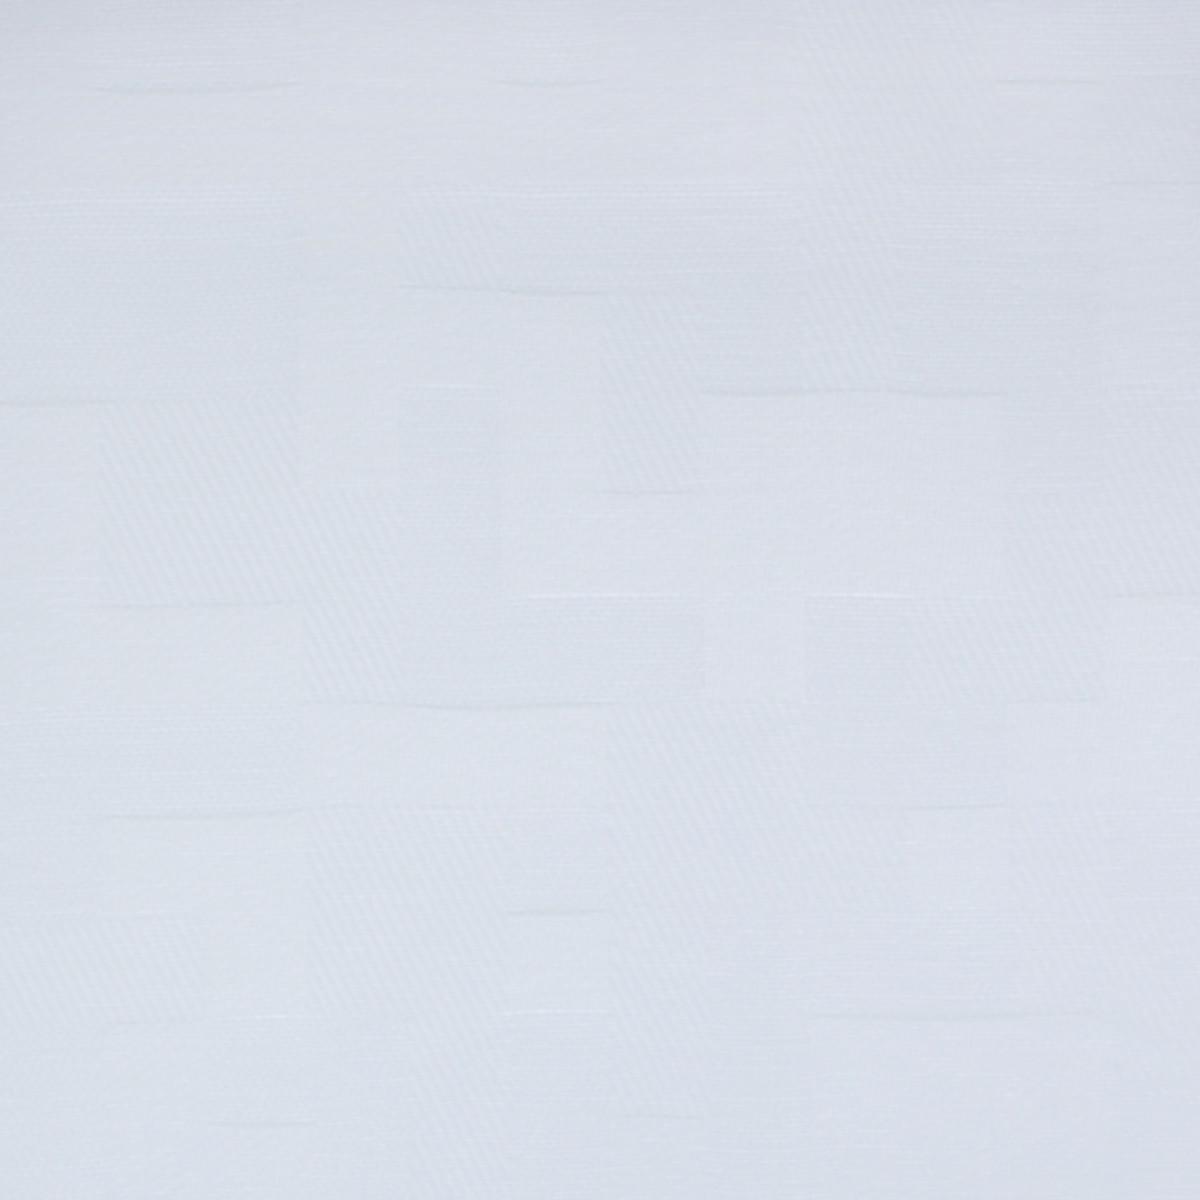 Стеклообои LUX6 Нью-Йорк 1х12.5м  250 г/м2